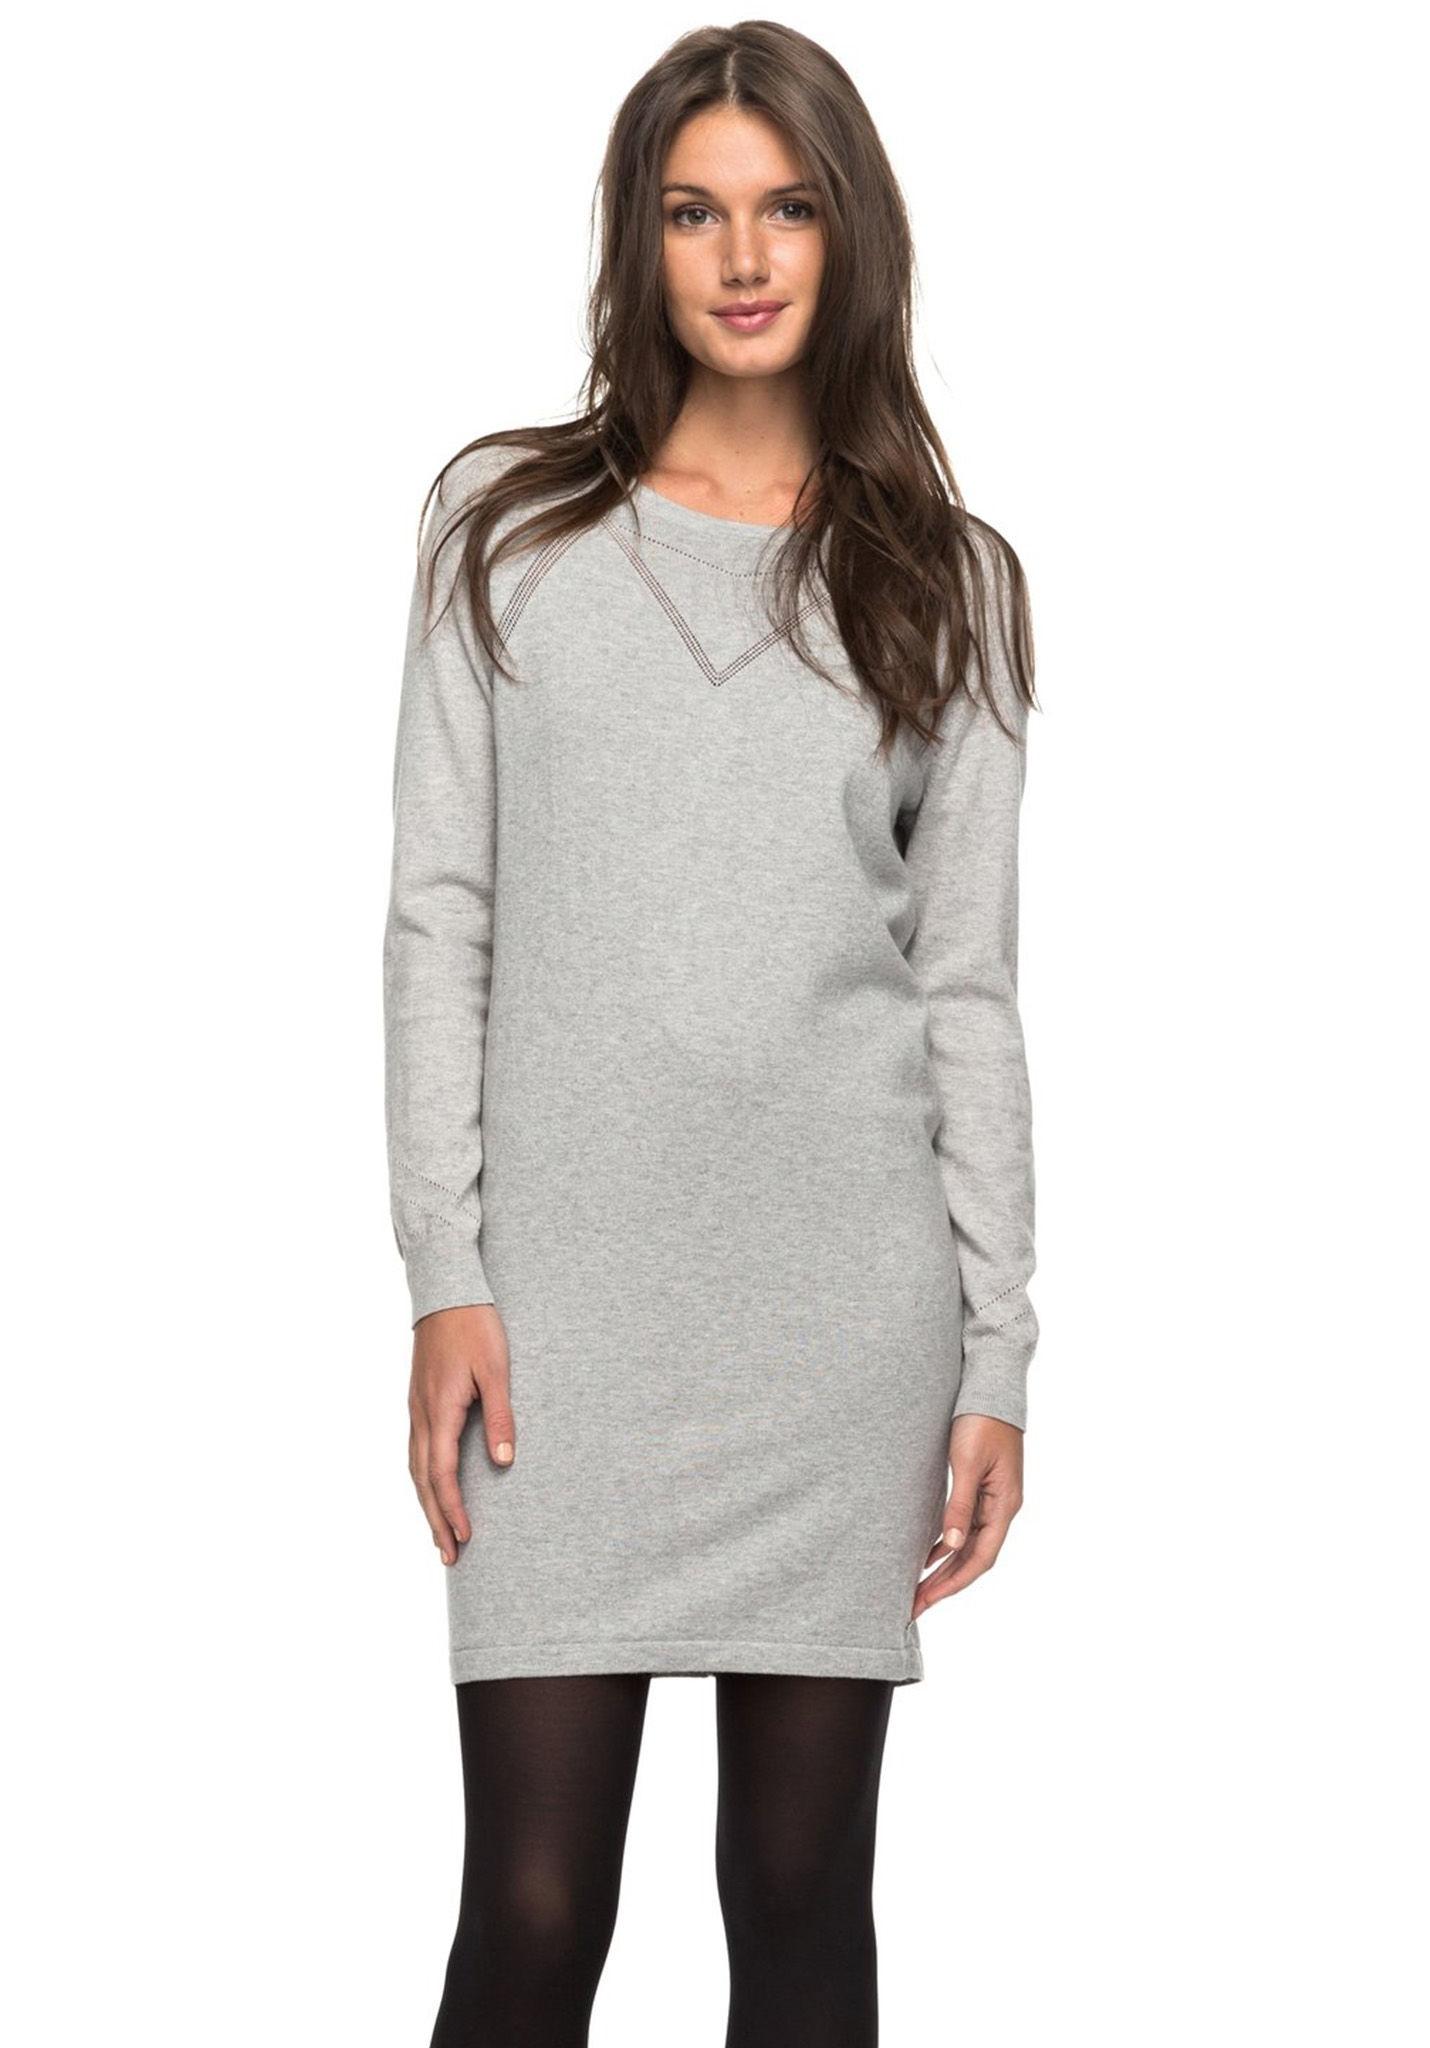 17 Schön Winterkleid Damen Design17 Schön Winterkleid Damen Spezialgebiet